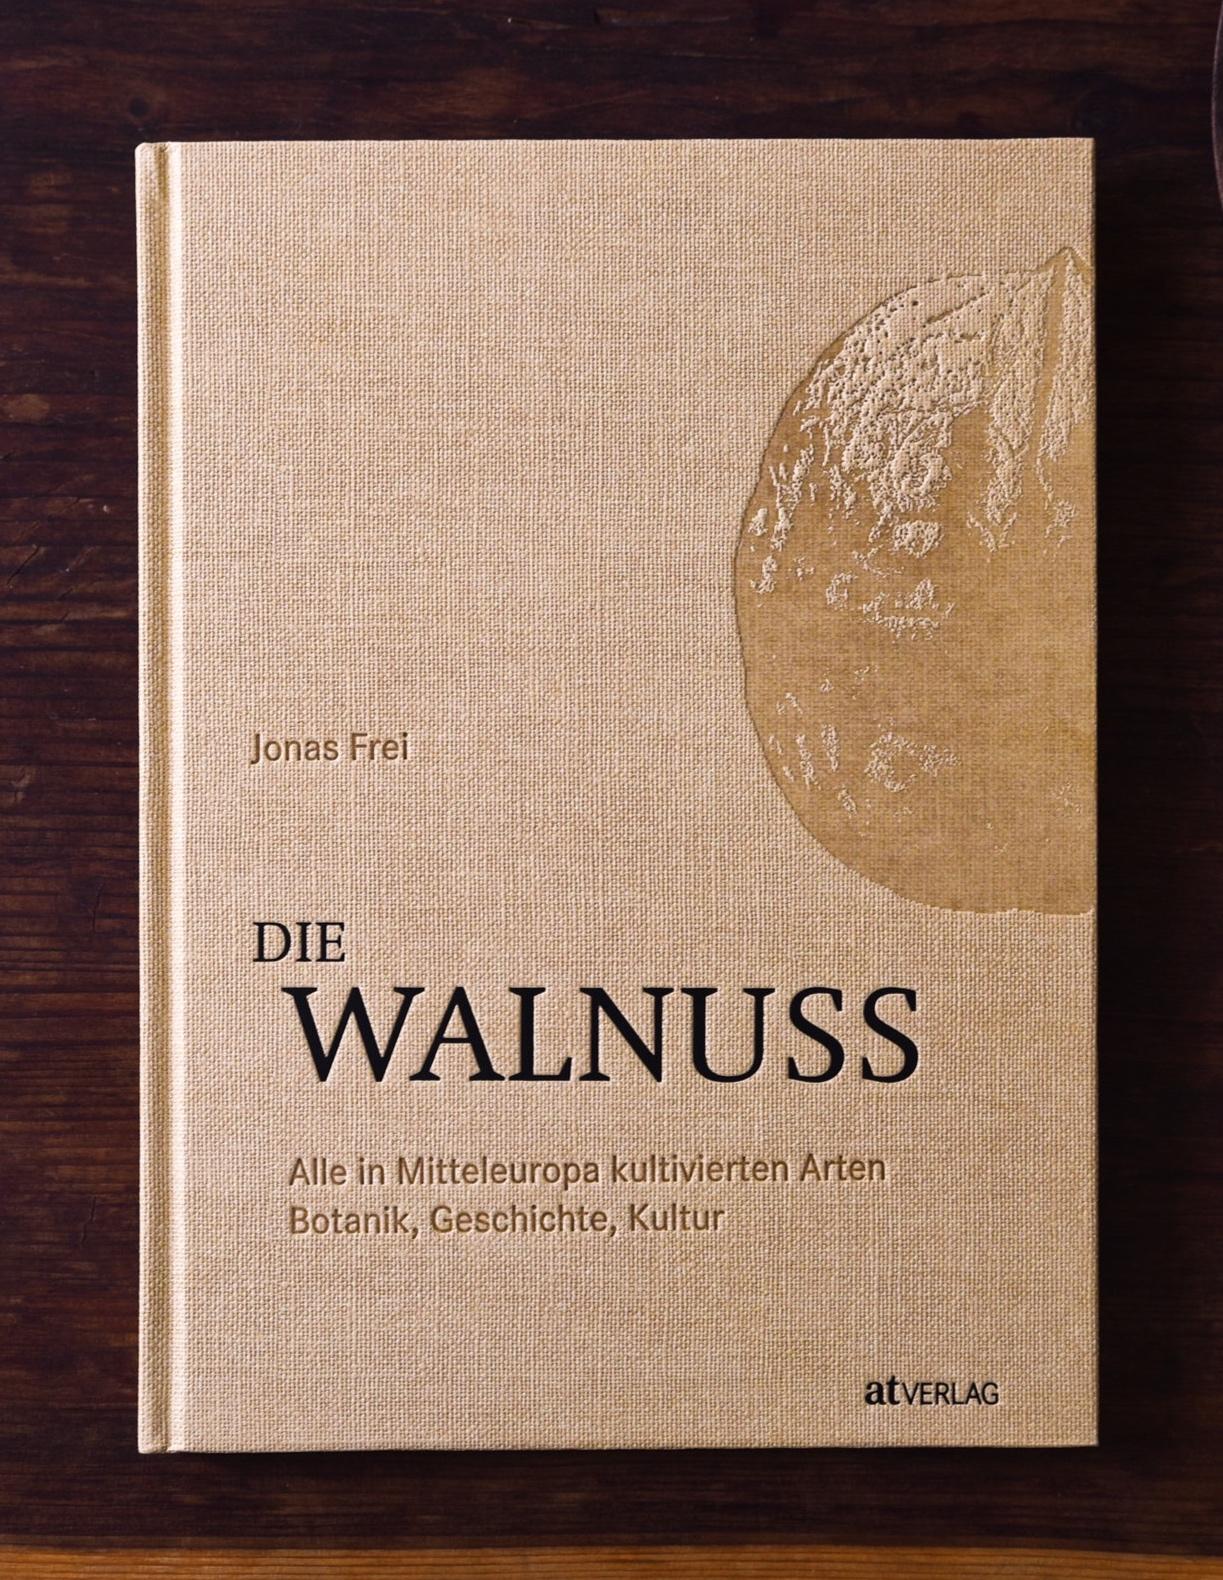 DIE WALNUSS -Eine Monographie - Der Walnussbaum ist einer der malerischsten Bäume unserer Landschaft, sein Holz eines der edelsten unserer Klimazone, und die Nüsse gelten als gesunde Delikatesse. Dieses Buch fasst das reichhaltige Wissen über die Walnuss und ihre überraschend vielfältige Kultur und Tradition zusammen. Die Echte Walnuss, Juglans regia, ist nur eine Art einer formenreichen Pflanzenfamilie, deren natürliche Verbreitung vier Kontinente umfasst. Von insgesamt etwa 60 sind 30 Arten und einige Kreuzungen in unseren Parkanlagen anzutreffen. Dazu zählen auch Hickorys, Flügelnüsse und botanische Raritäten wie die Zapfen- oder Ringflügelnuss. In eigenen Kapiteln zu Kultur, Geschichte, Biologie und Landschaftsarchitektur wird die Pflanzenfamilie aus unterschiedlichen Perspektiven beleuchtet. Erstmals werden alle in Mitteleuropa kultivierten Arten und Hybriden in detaillierten, reich bebilderten Porträts vorgestellt. So lassen sich auch Exoten wie Schwarznuss, Mandschurische Walnuss oder Ferkelnuss in Parkanlagen, Baumschulen oder Gärten einfach richtig bestimmen.Das Buch ist im August 2019 erschienen und kann direkt bei Jonas Frei bestellt werden.Weitere Infos und Bestellung beim Verlag: at-verlag.ch